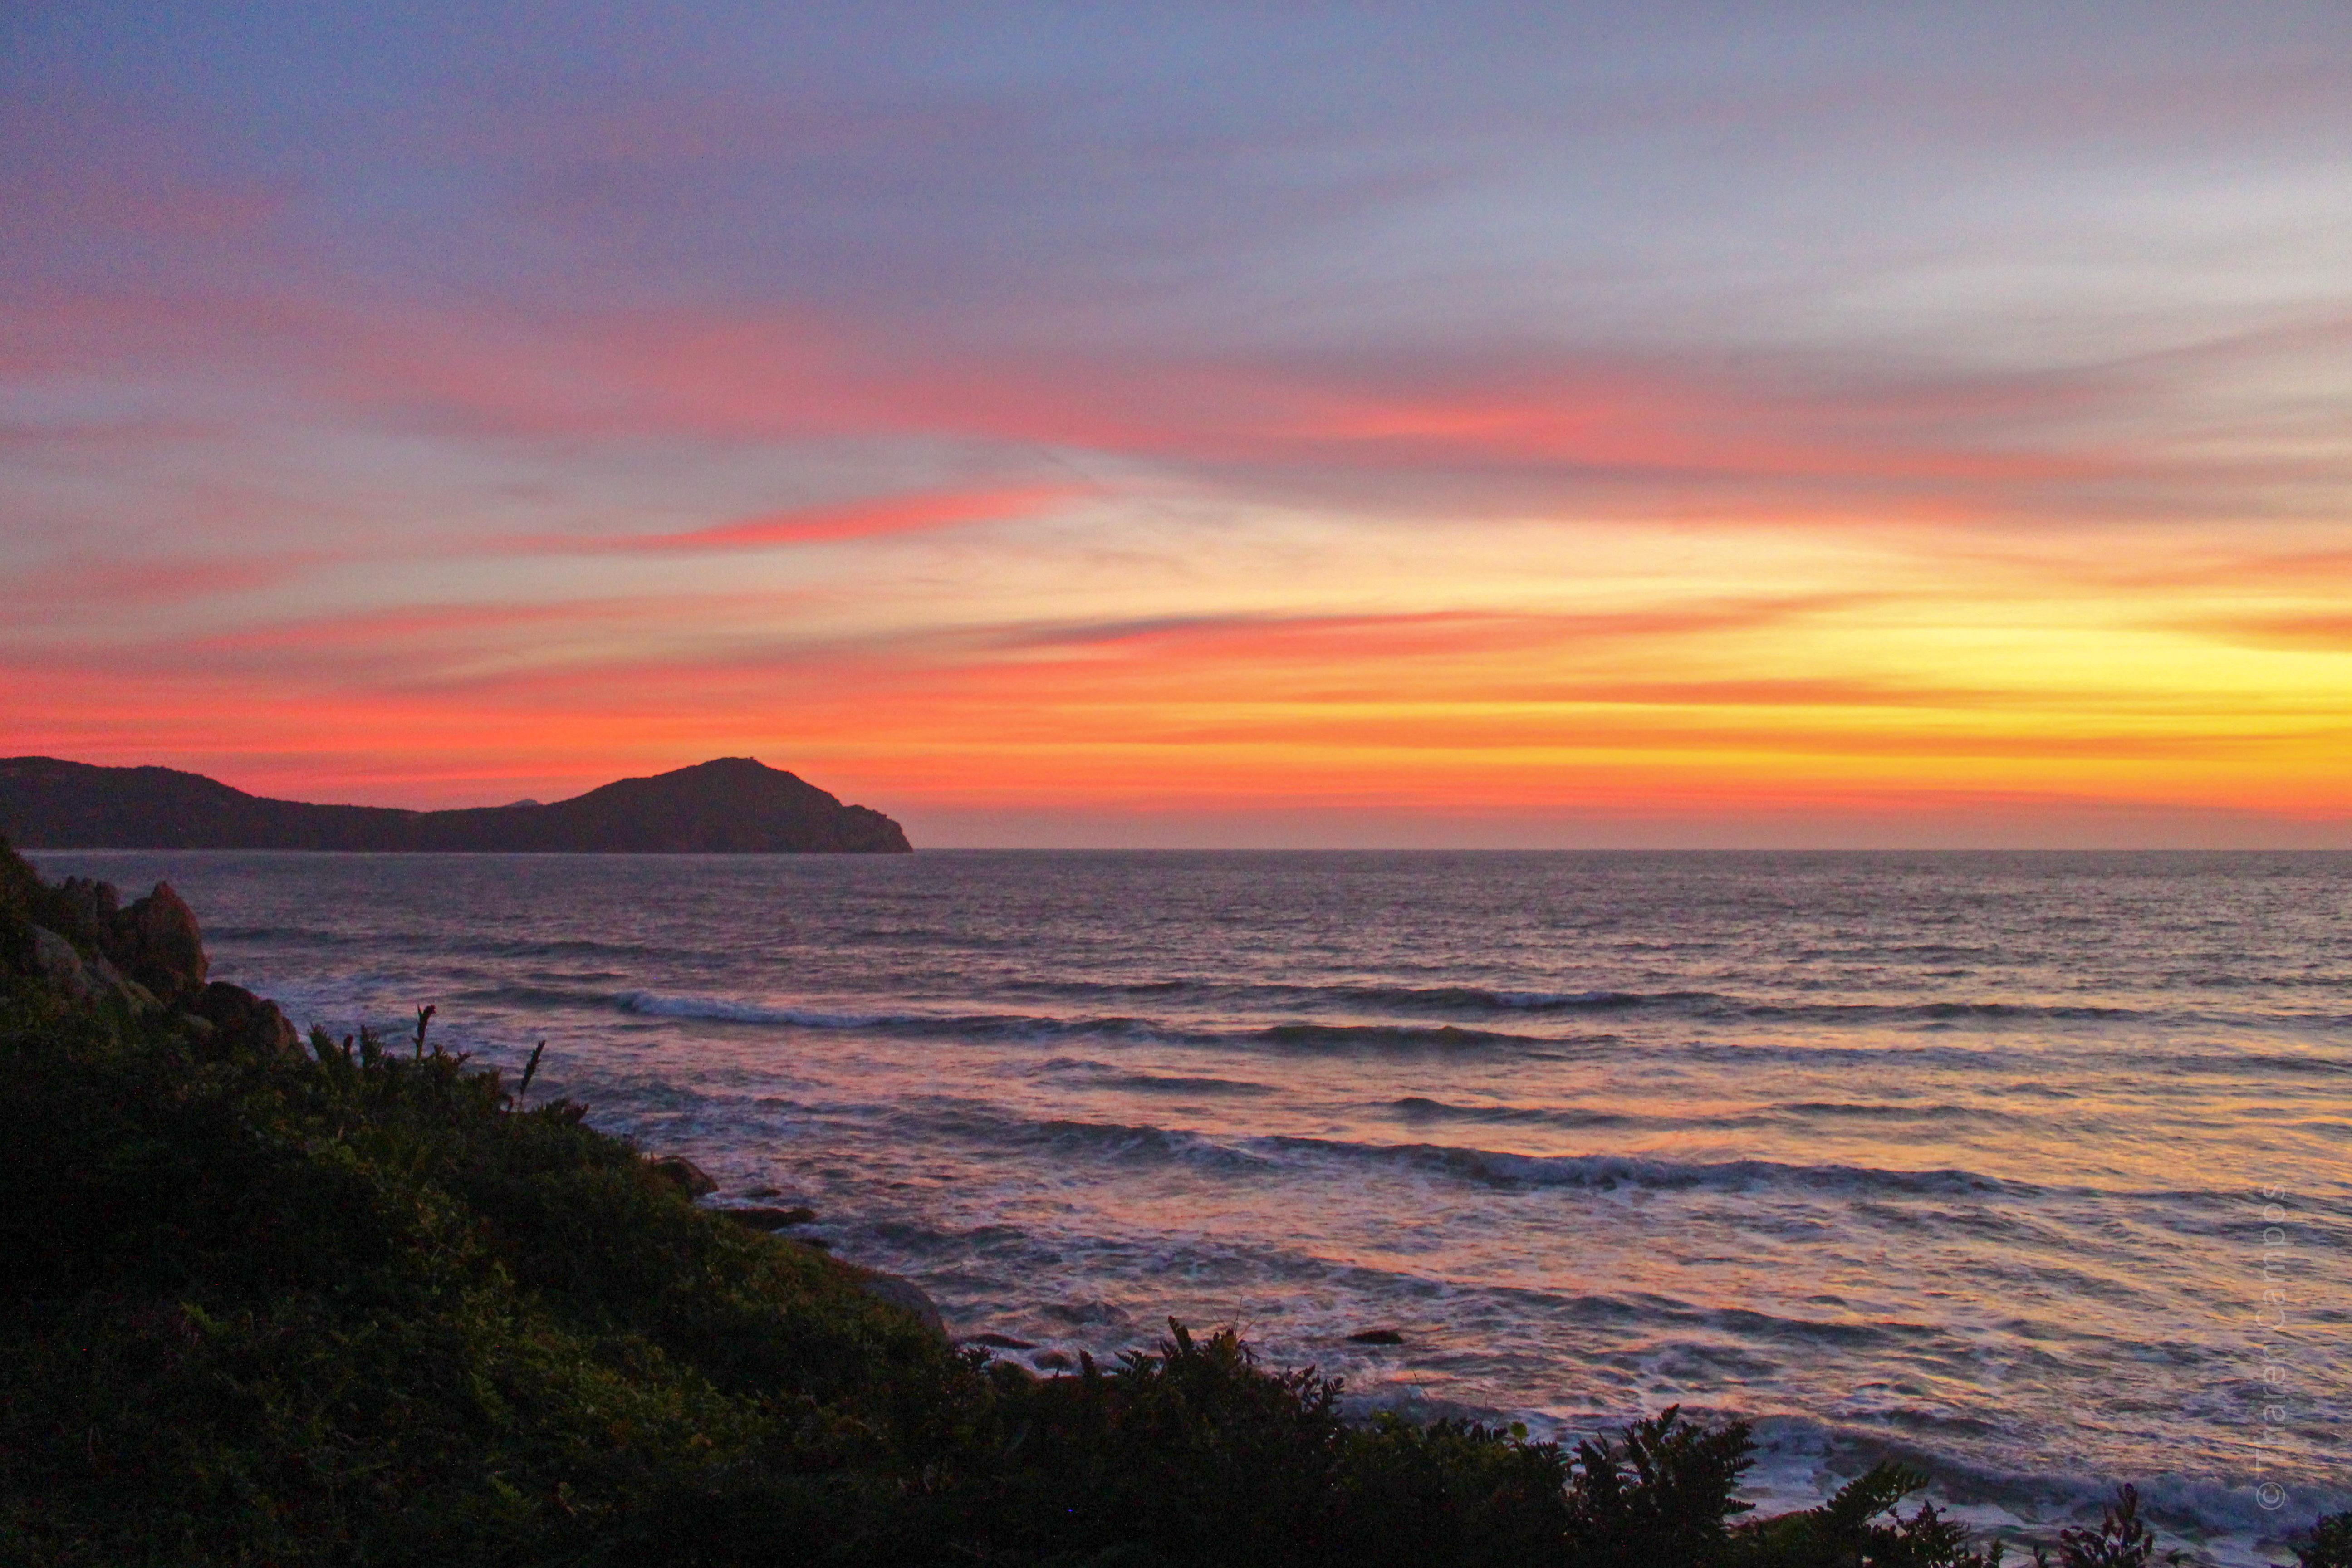 Nascer do sol - Praia do Rosa 6